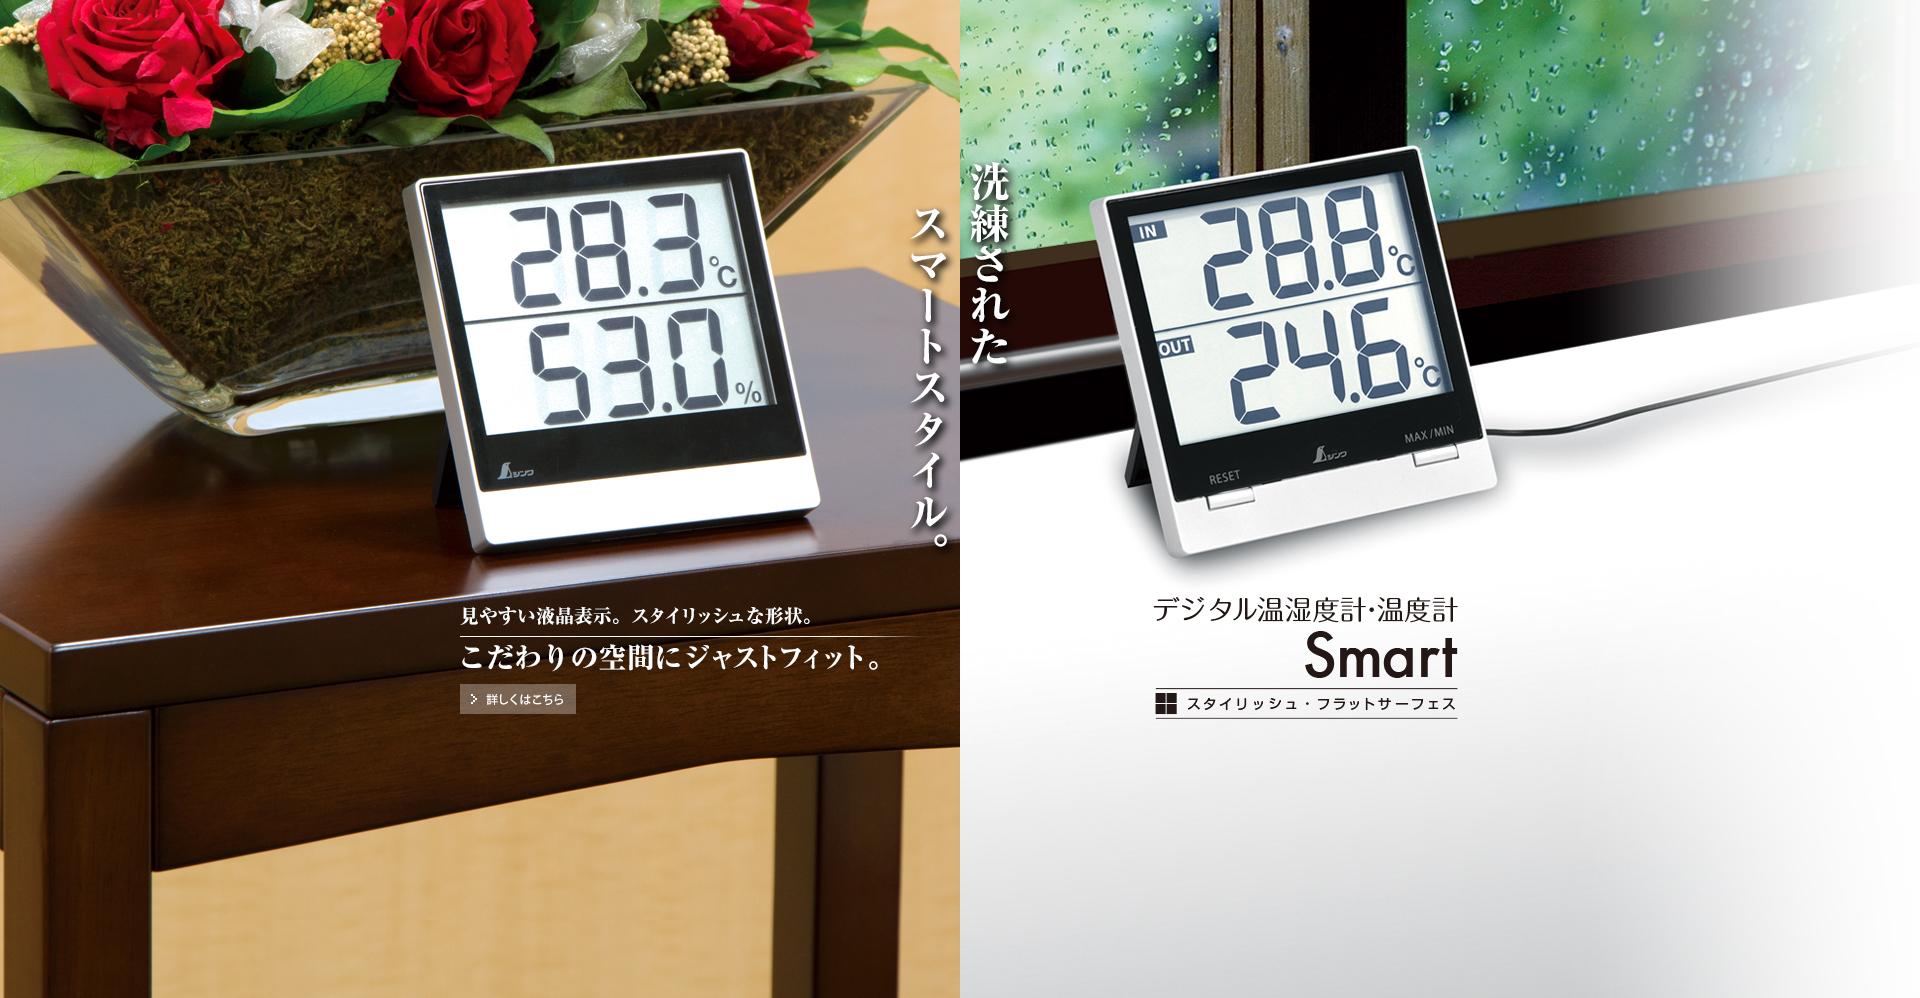 デジタル温湿度_温度計Smart